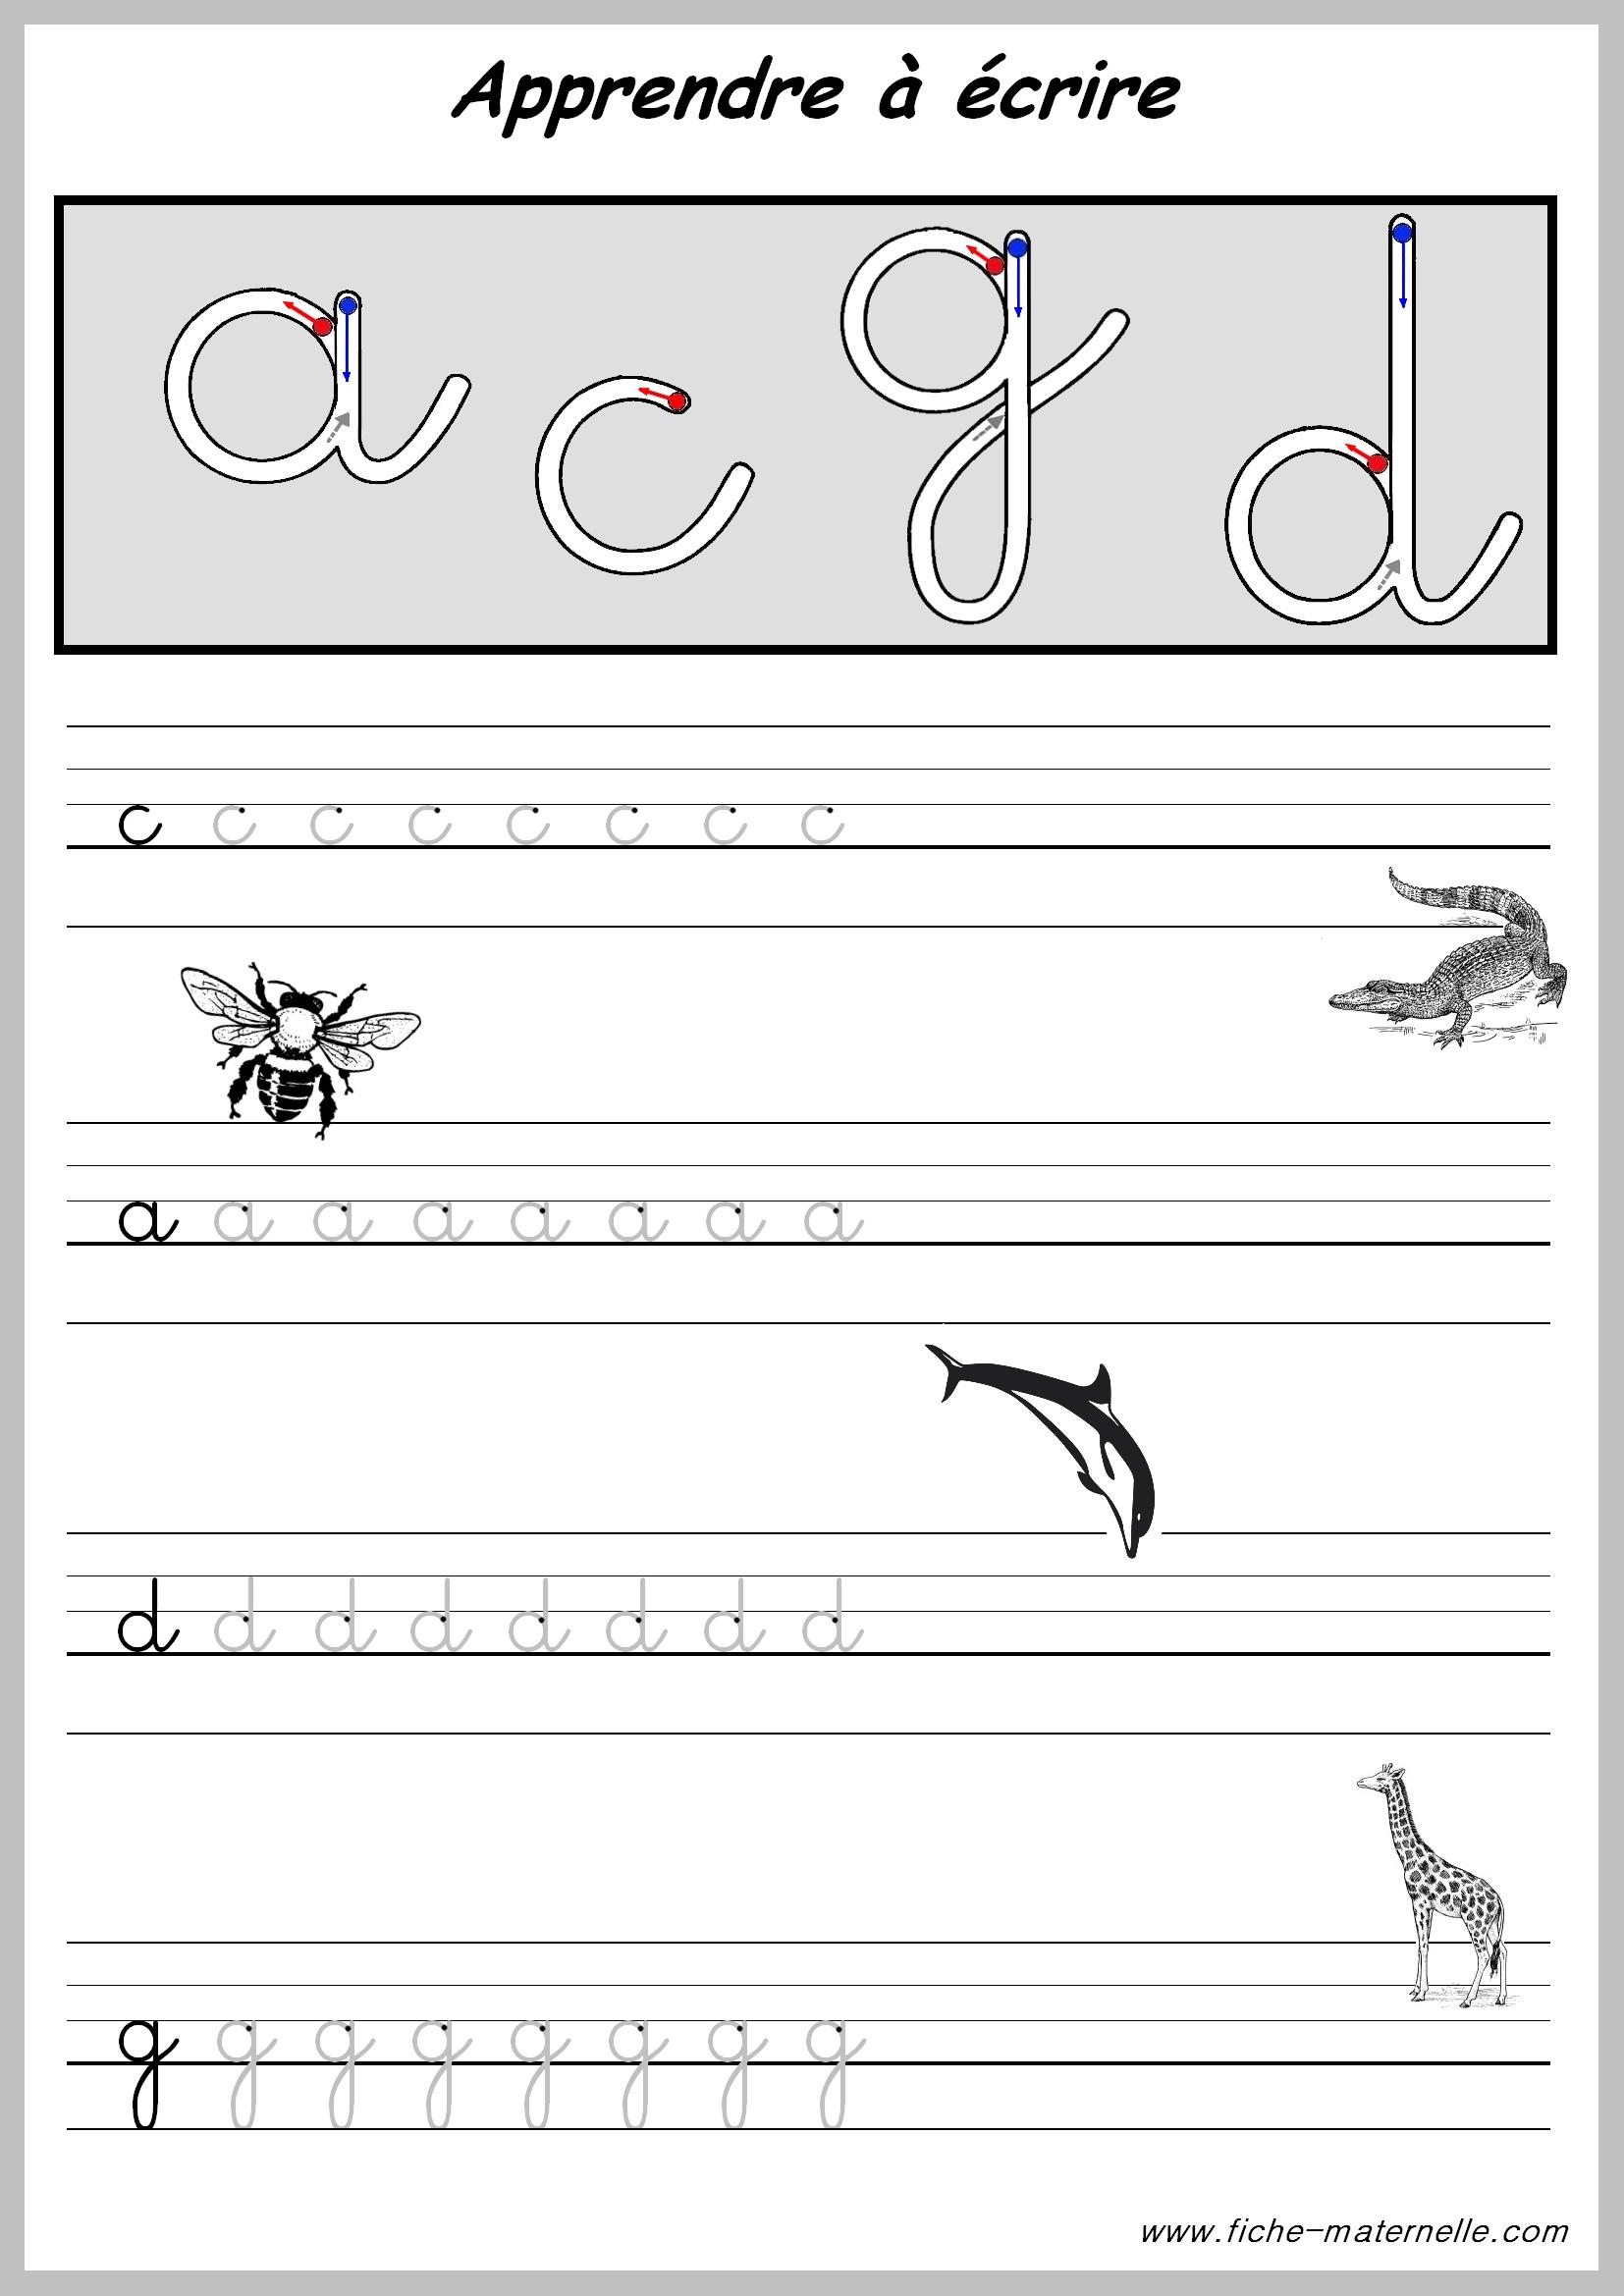 Exercices Pour Apprendre A Ecrire. encequiconcerne Apprendre À Écrire Les Lettres En Maternelle